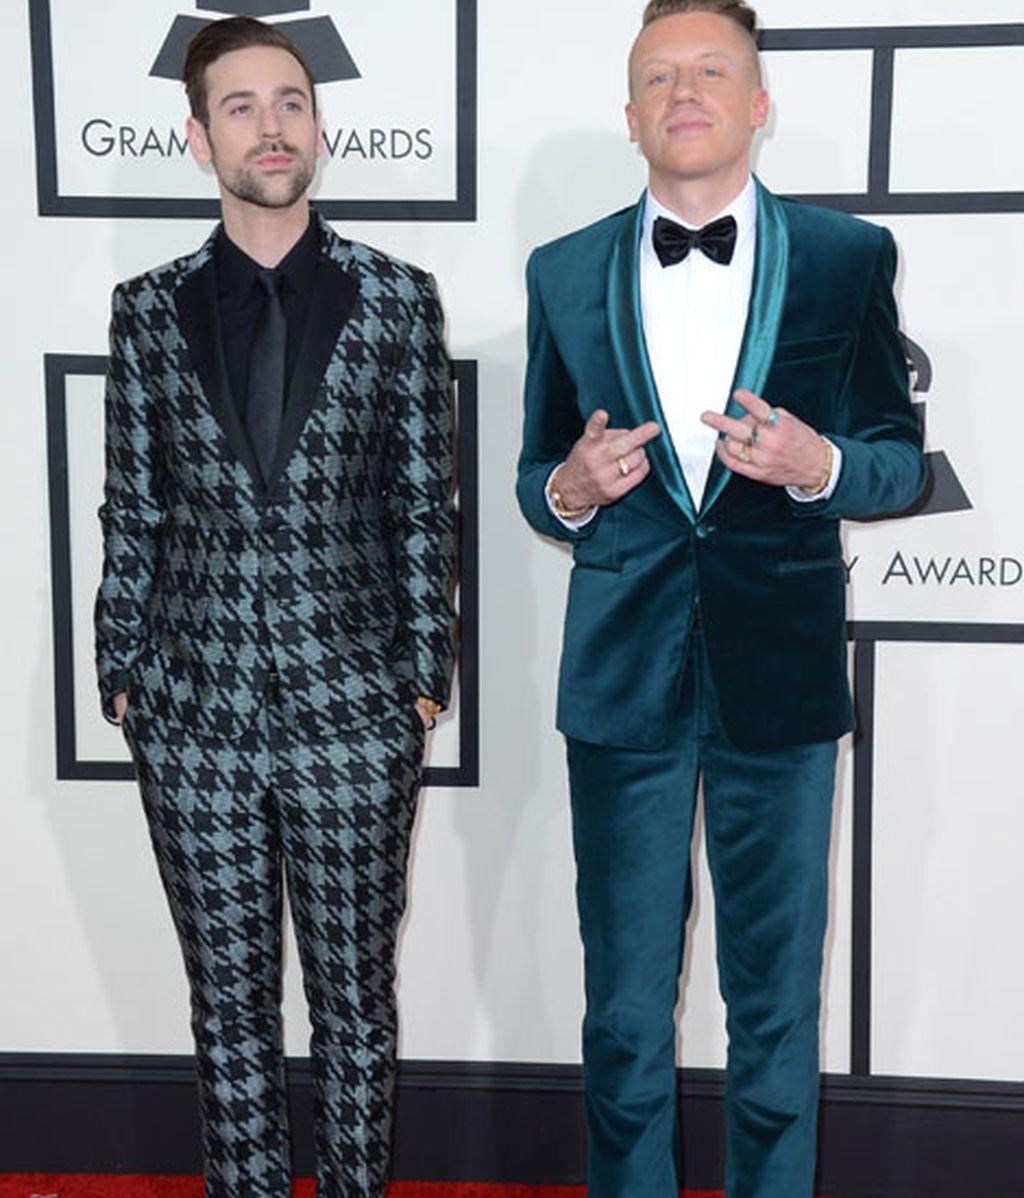 Macklemore & Ryan Lewis, arrasaron en las categorías de rap